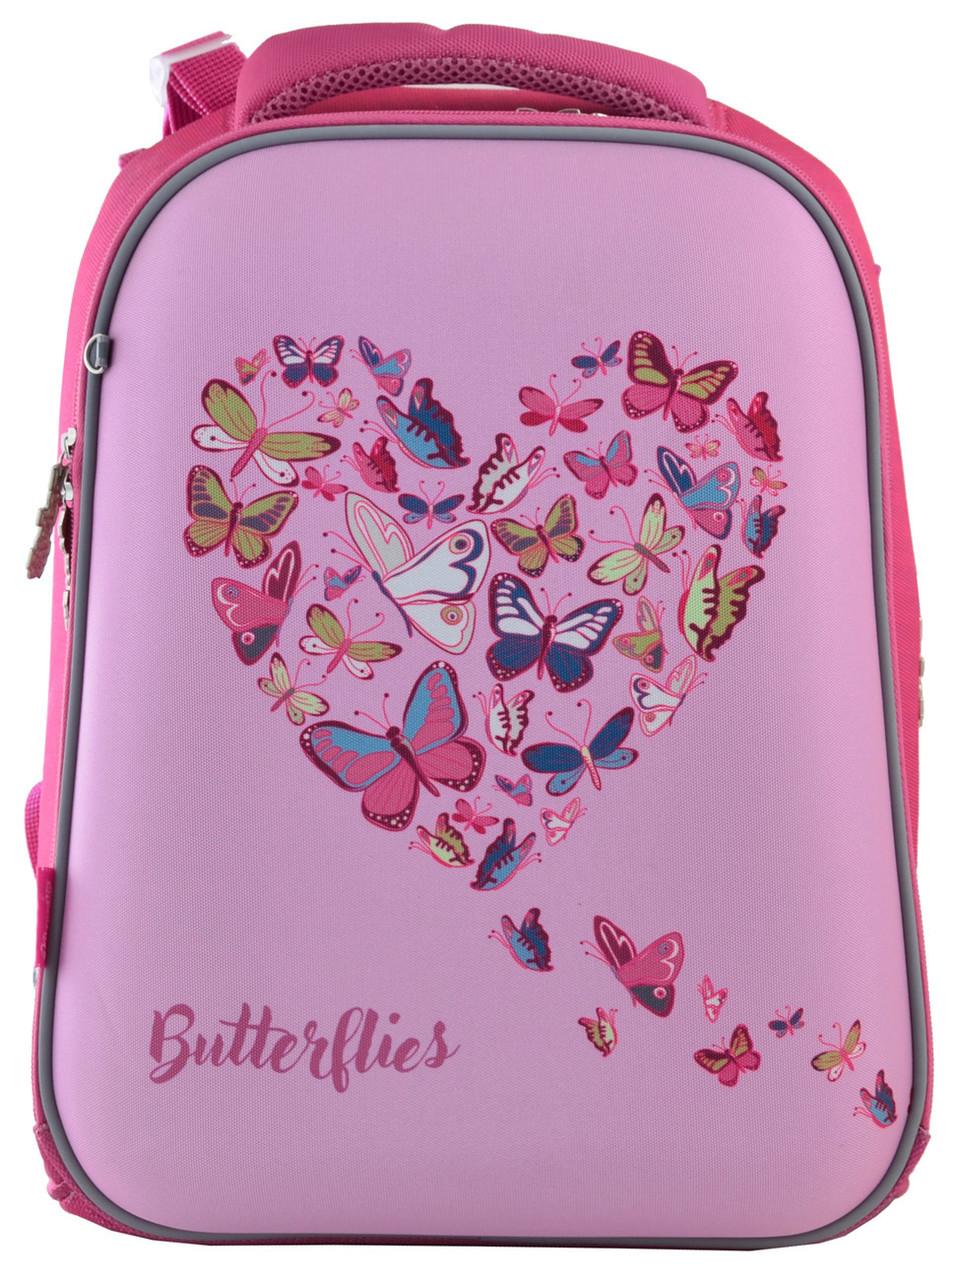 556040 Школьный каркасный рюкзак 1 Вересня H-12 Delicate butterflies 29*38*15